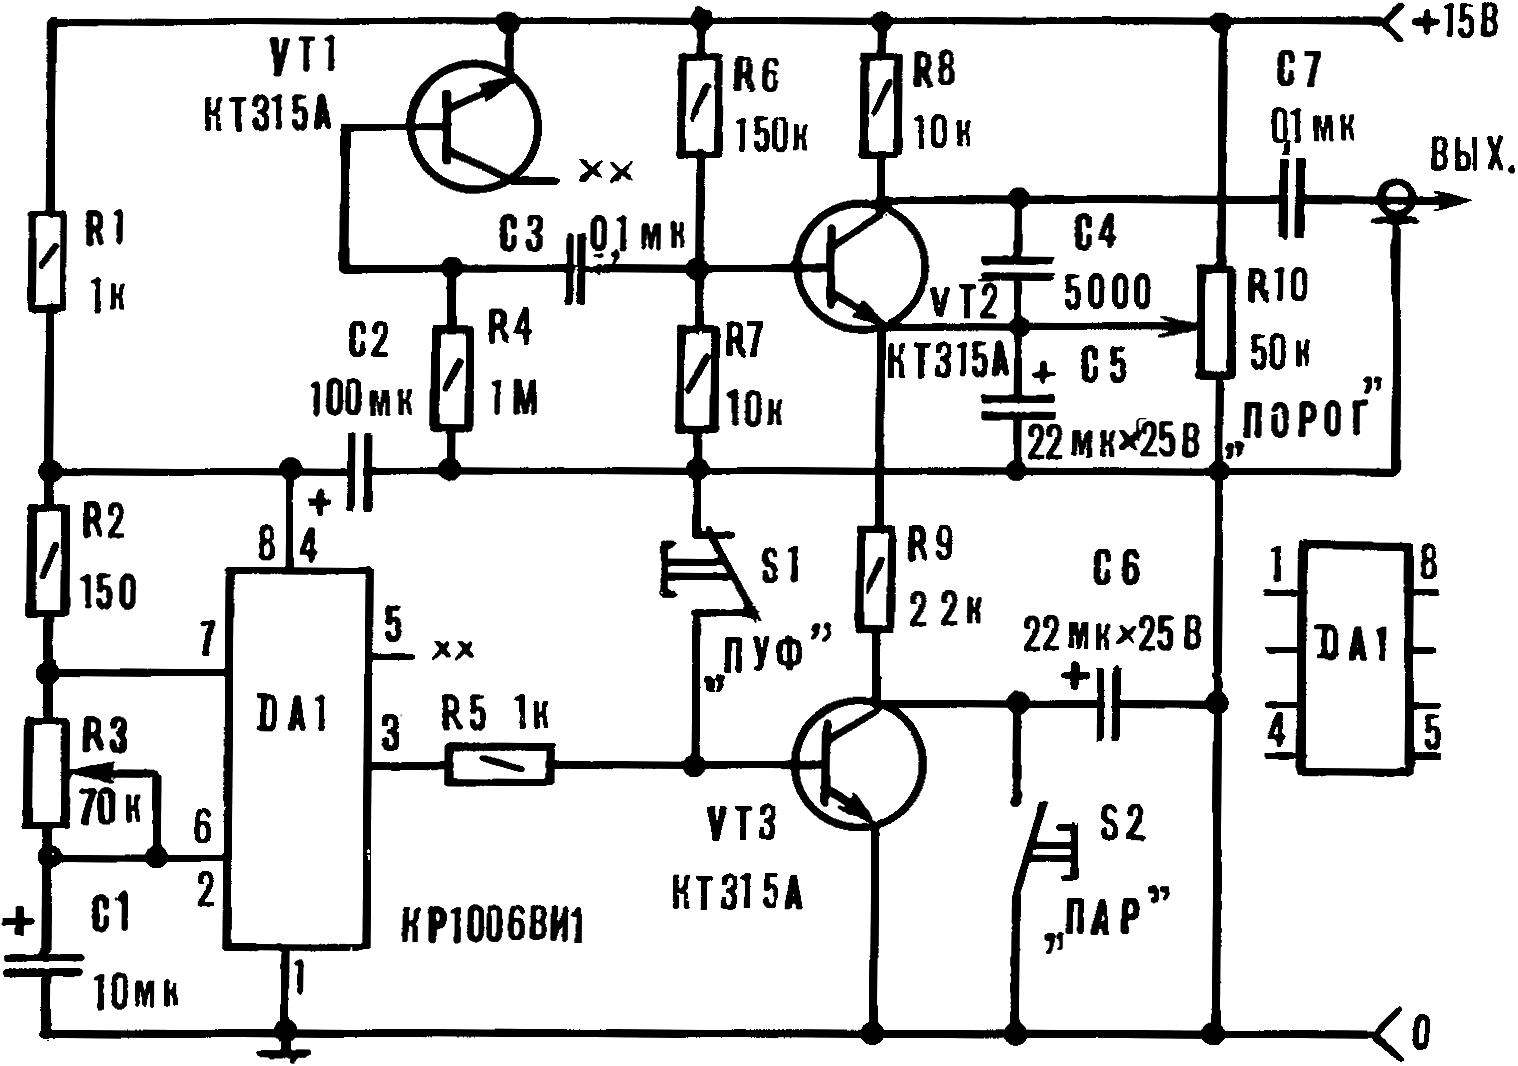 Р и с. 2. Принципиальная схема блока «пар».